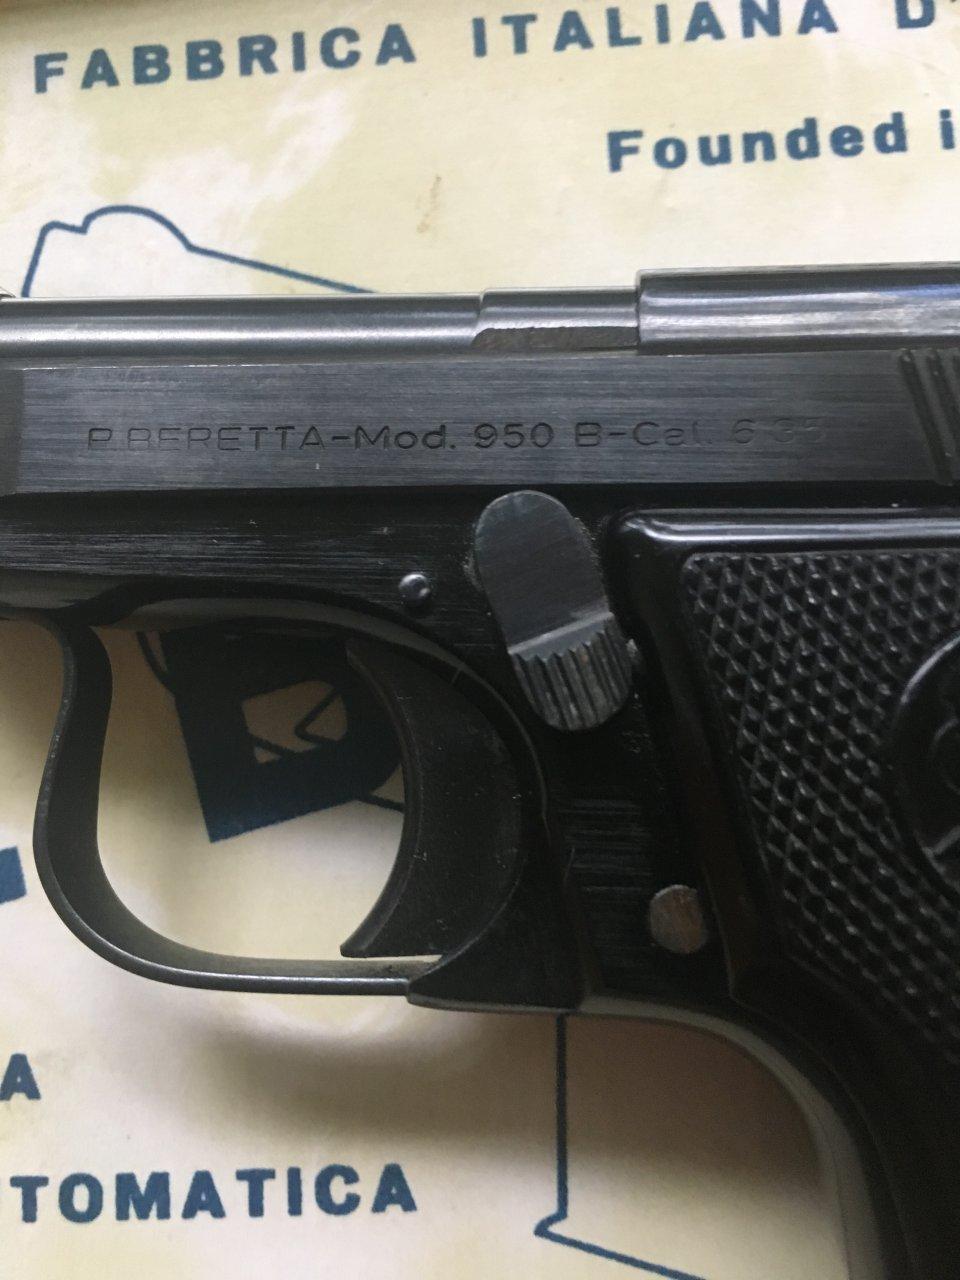 I Have A Beretta 950 With Box   Gun Values Board